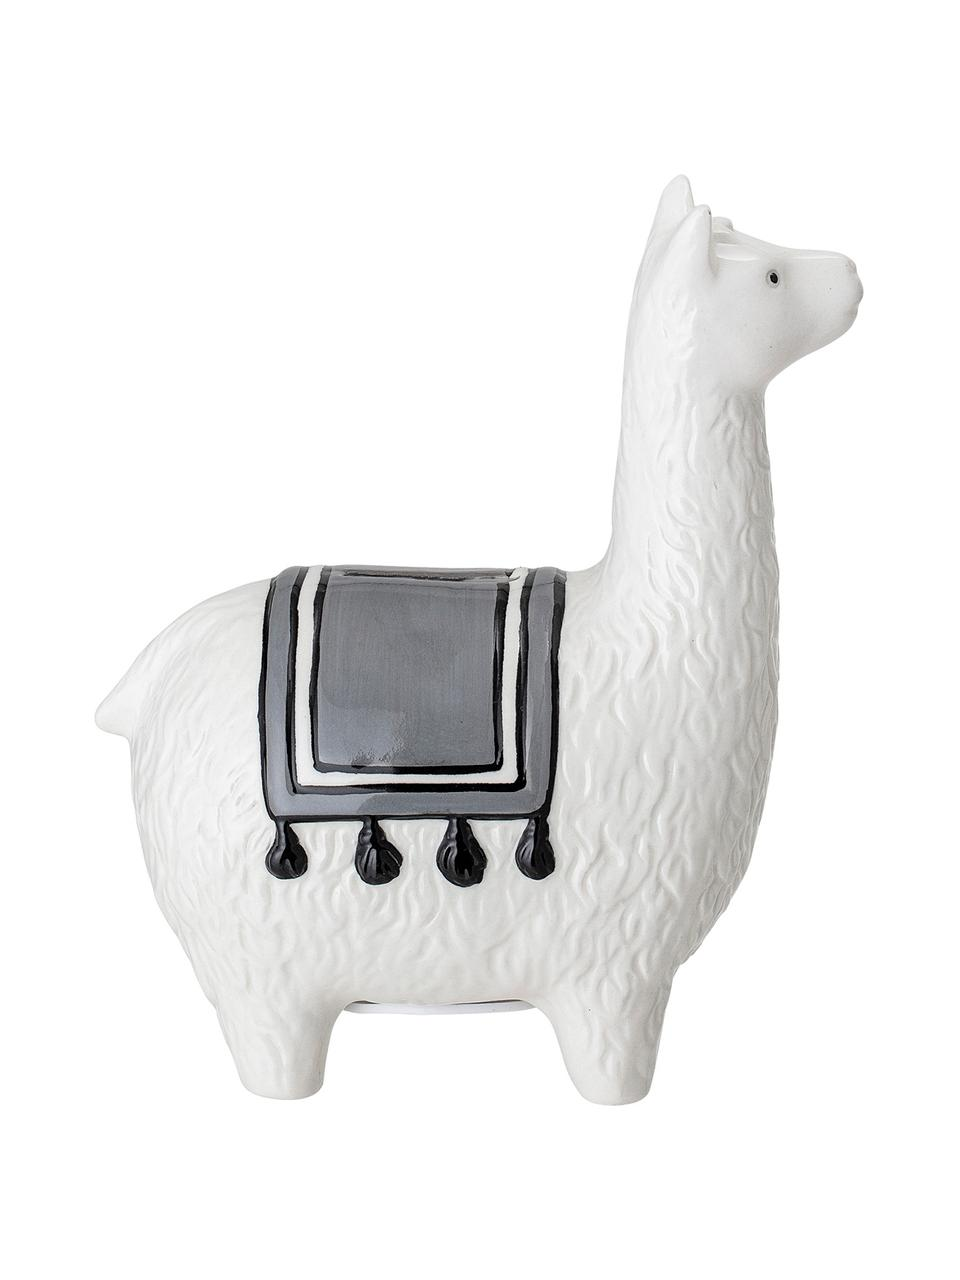 Tirelire blanche Lama, Blanc